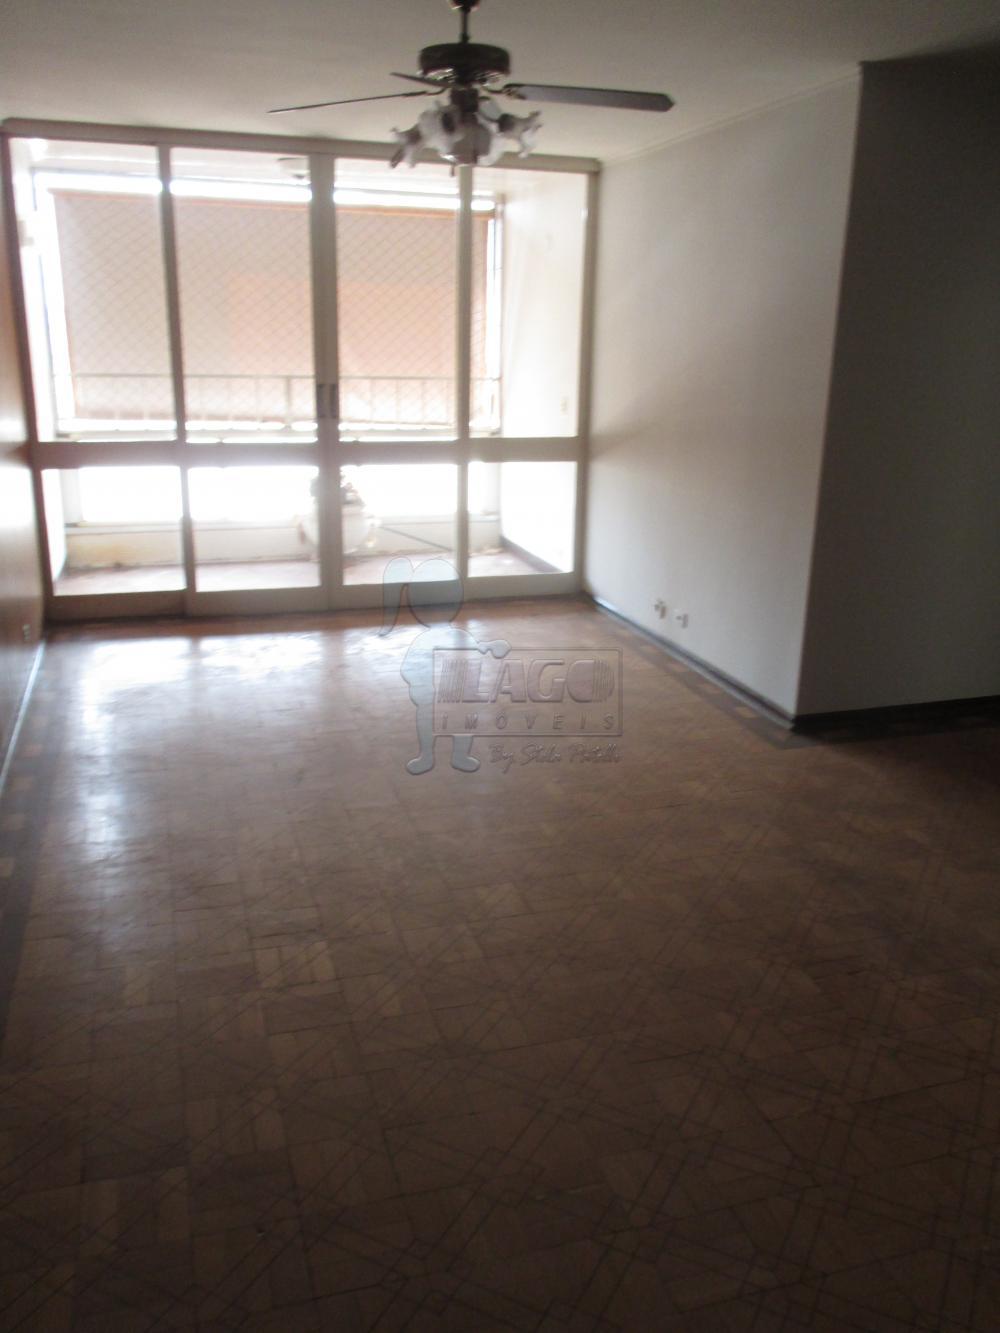 Alugar Apartamento / Padrão em Ribeirão Preto apenas R$ 850,00 - Foto 2